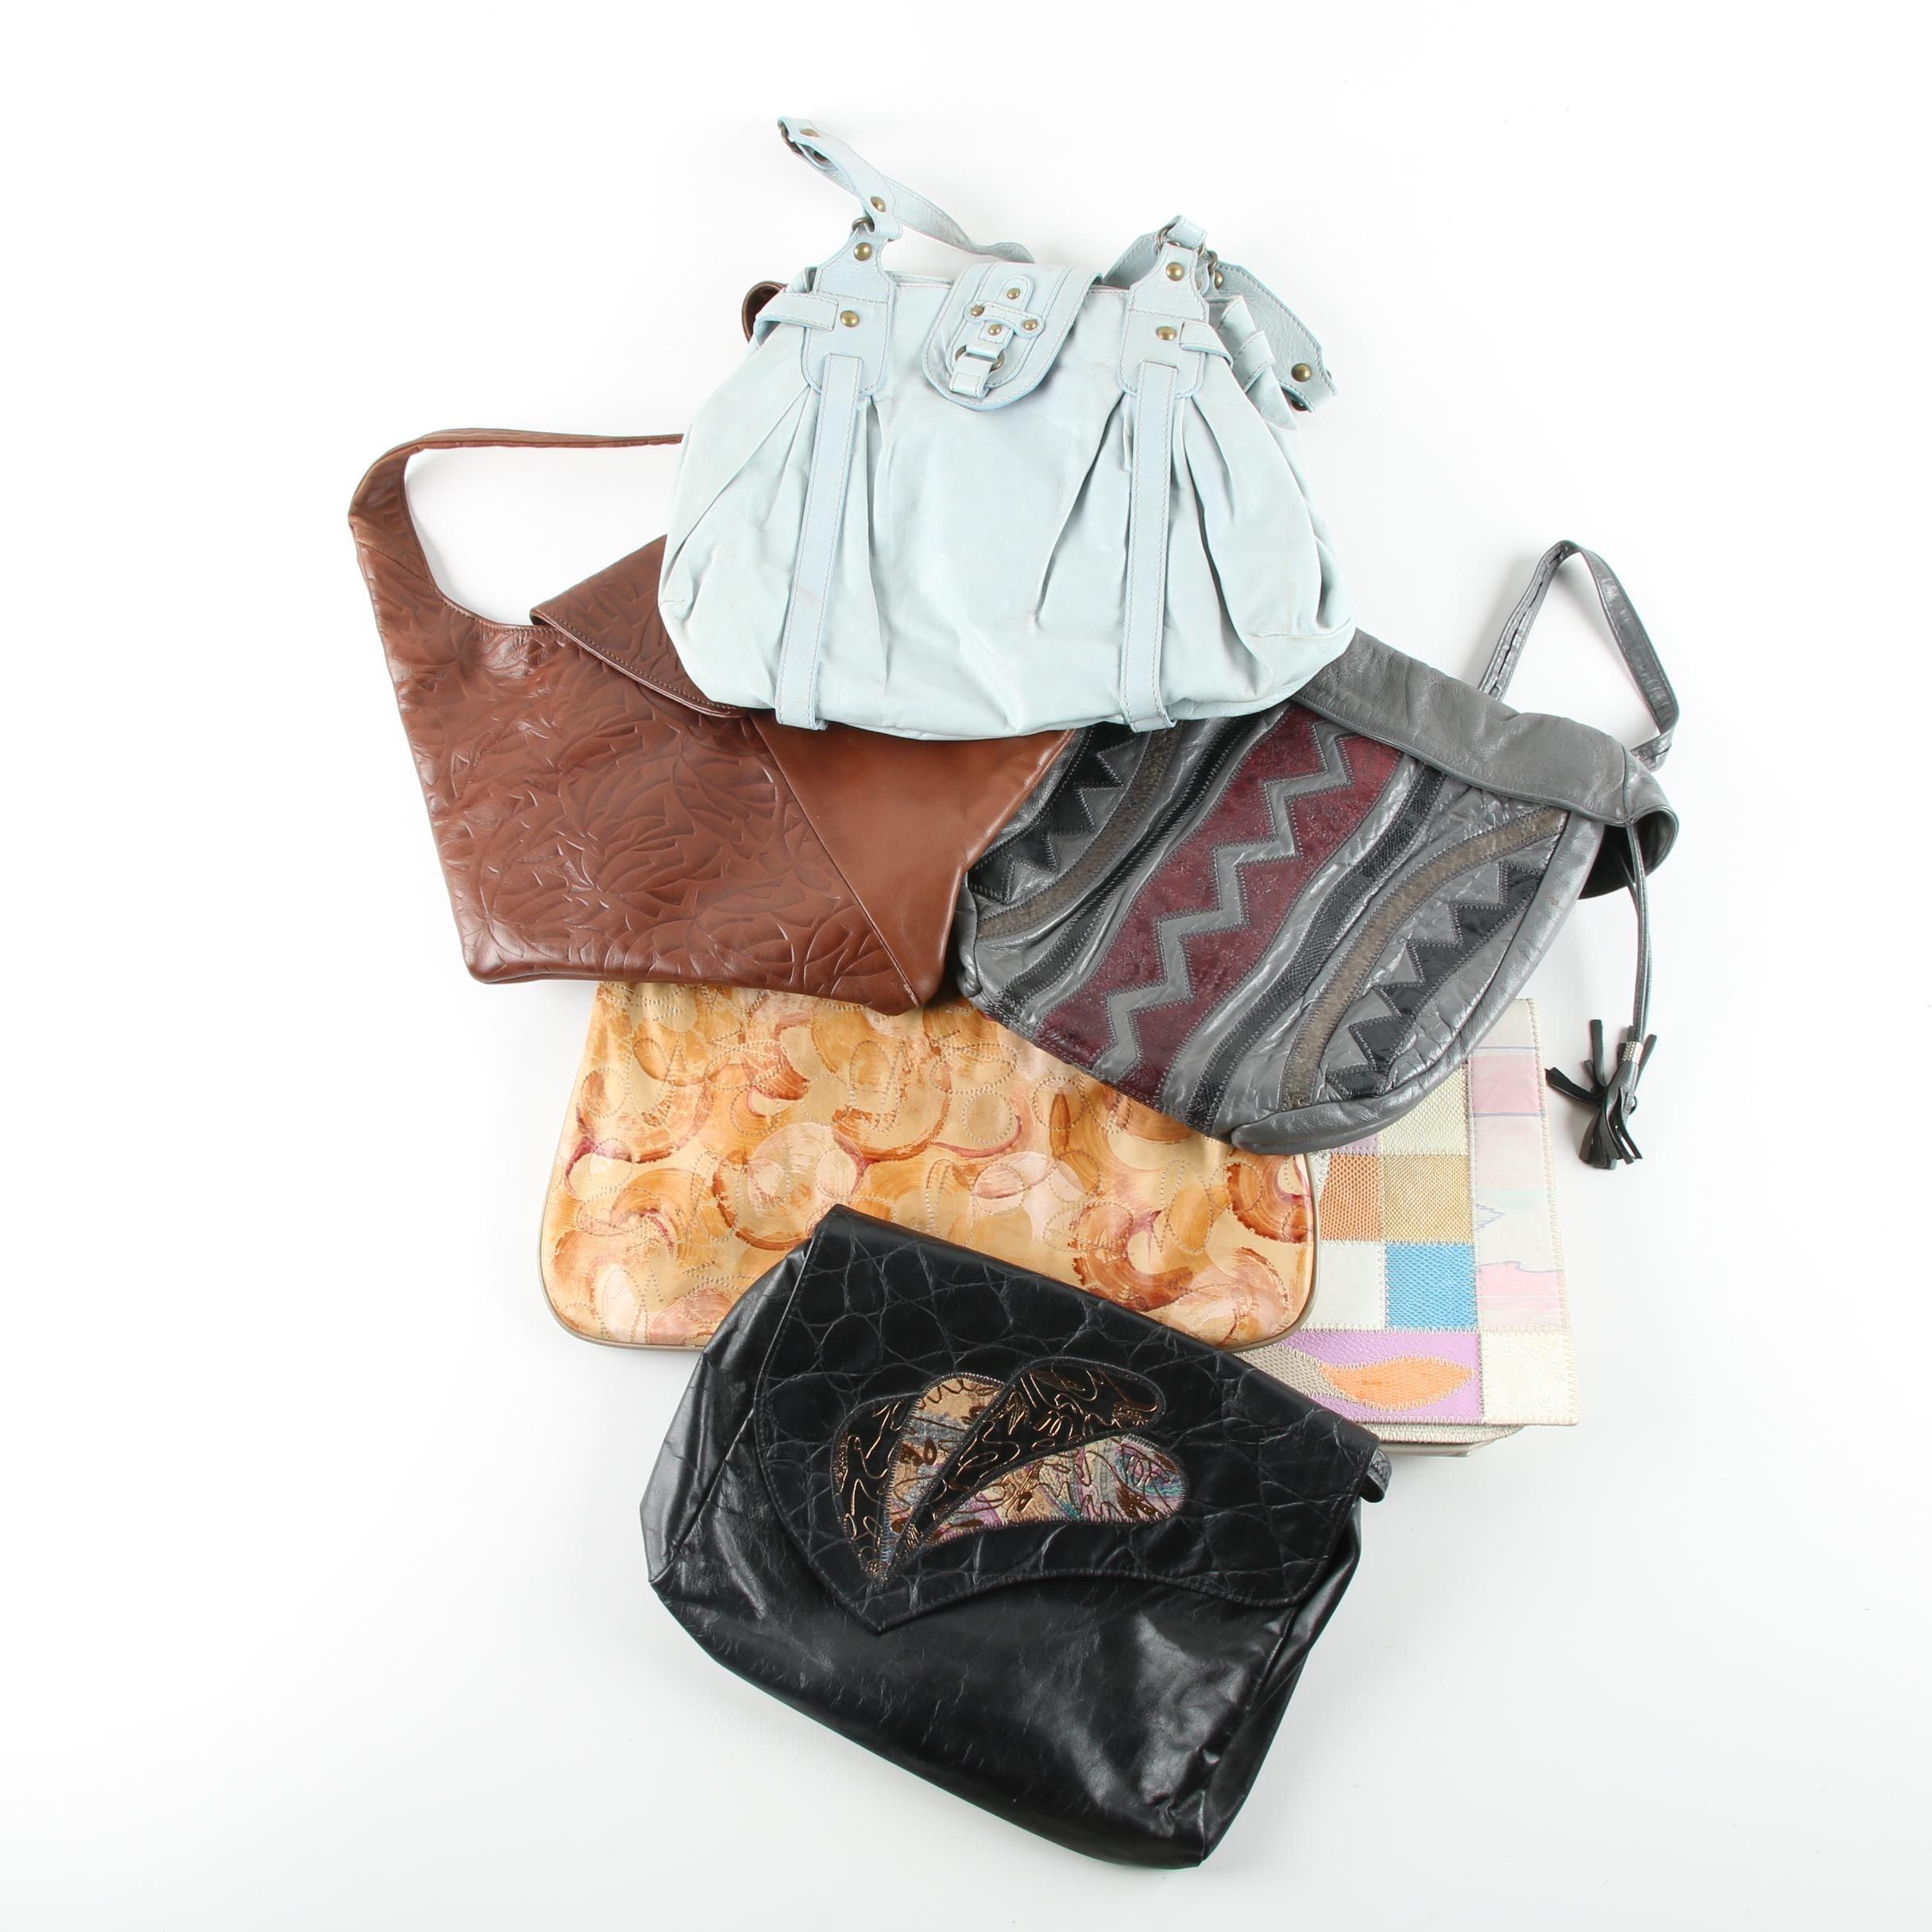 Vintage Handbags Including Furst & Mooney, Saereun New York, and Abaco Paris